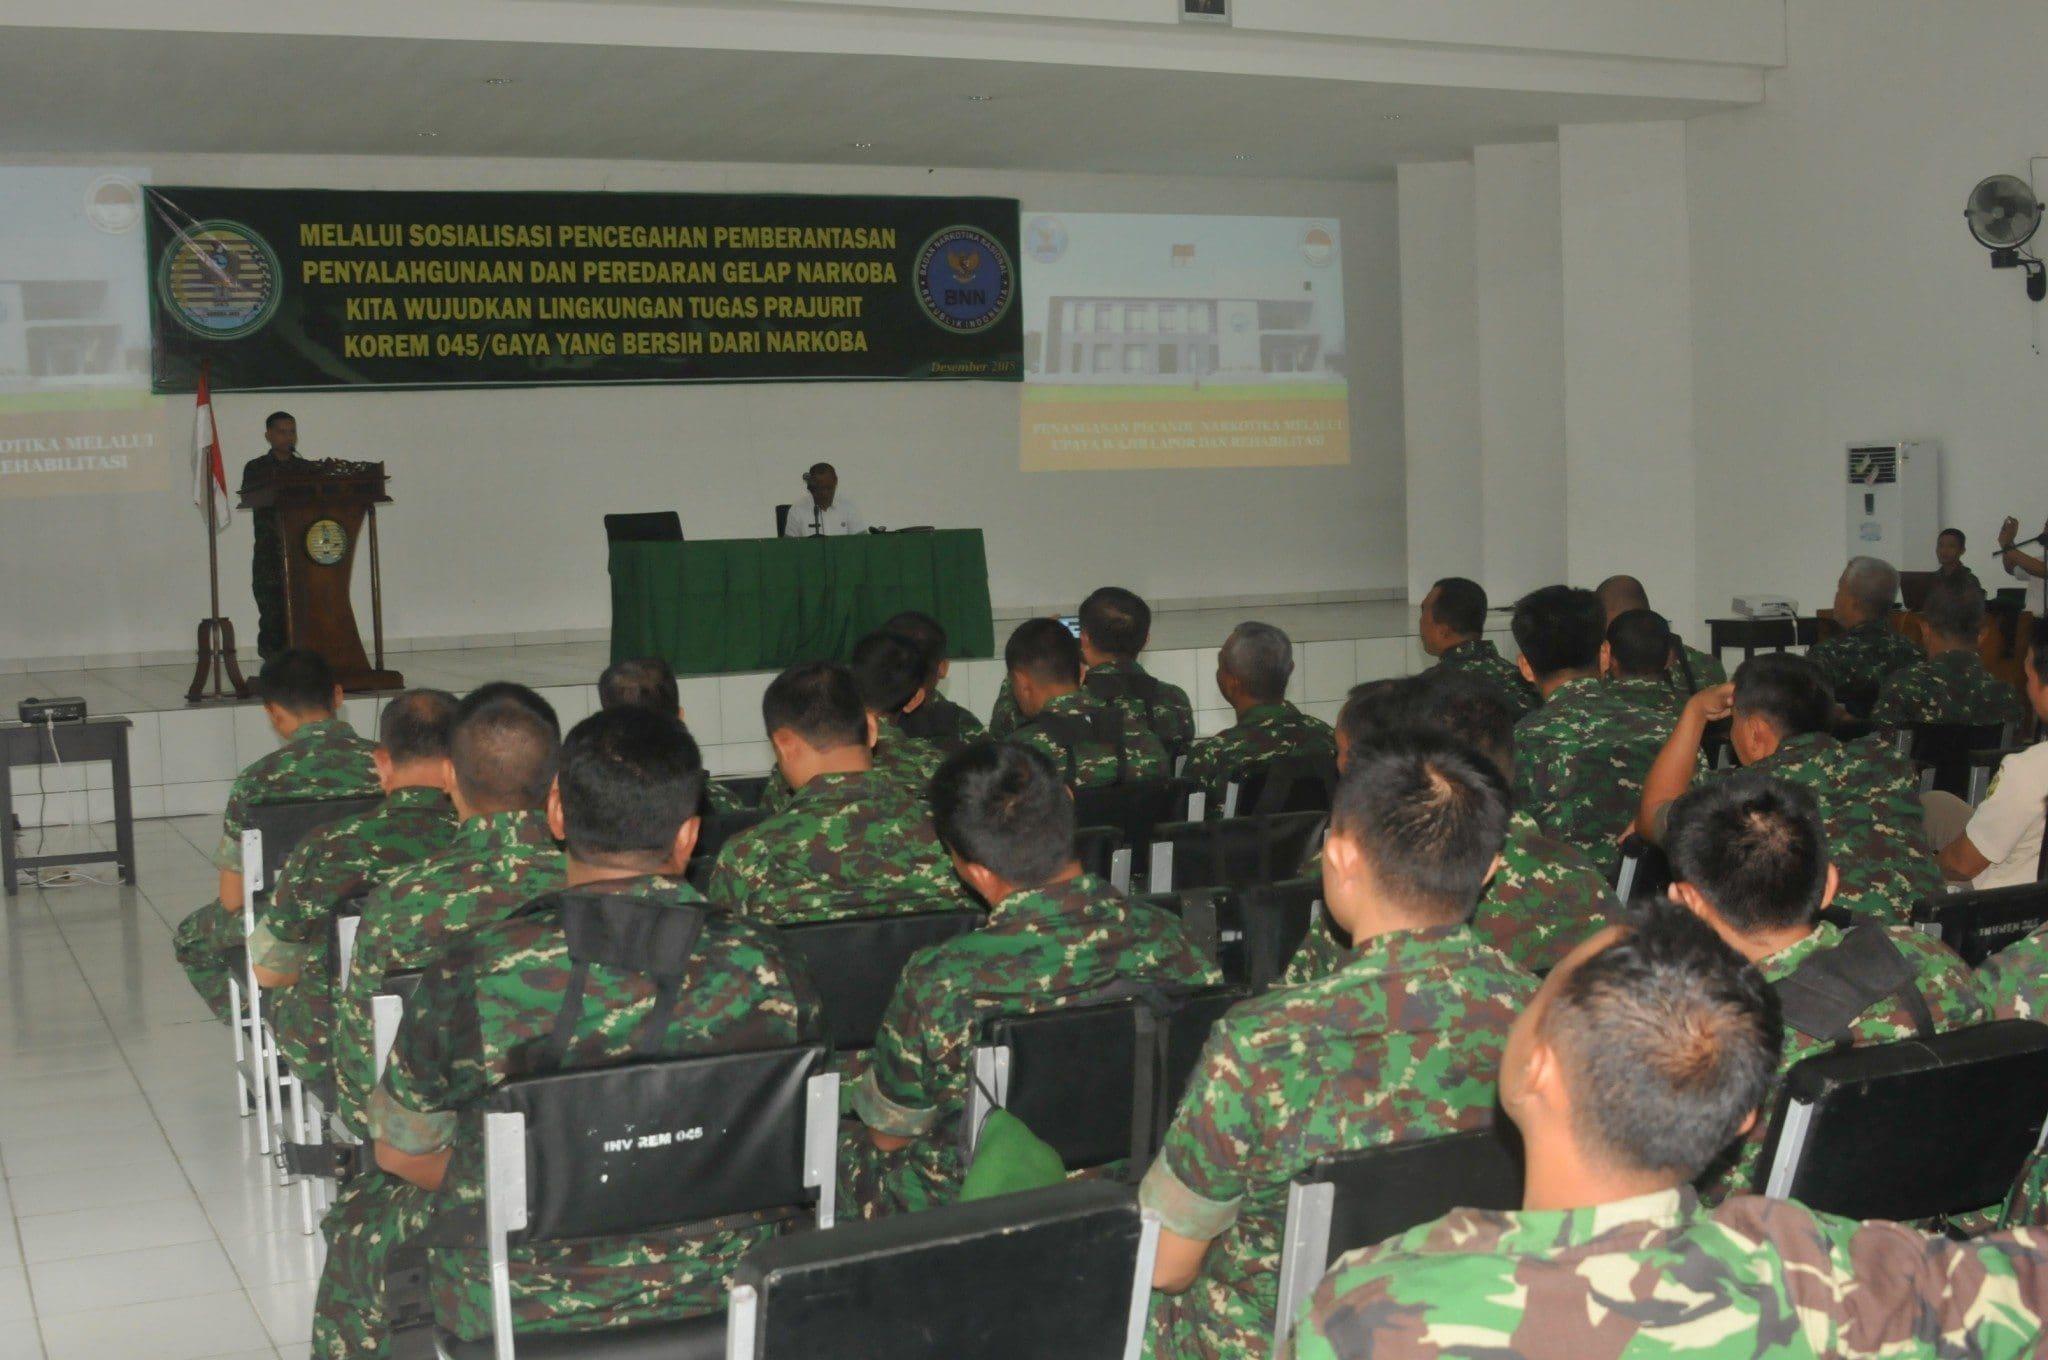 Mayor Hermansyah: Kedepan Pengedar Narkoba Menjadi Target Operasi Militer